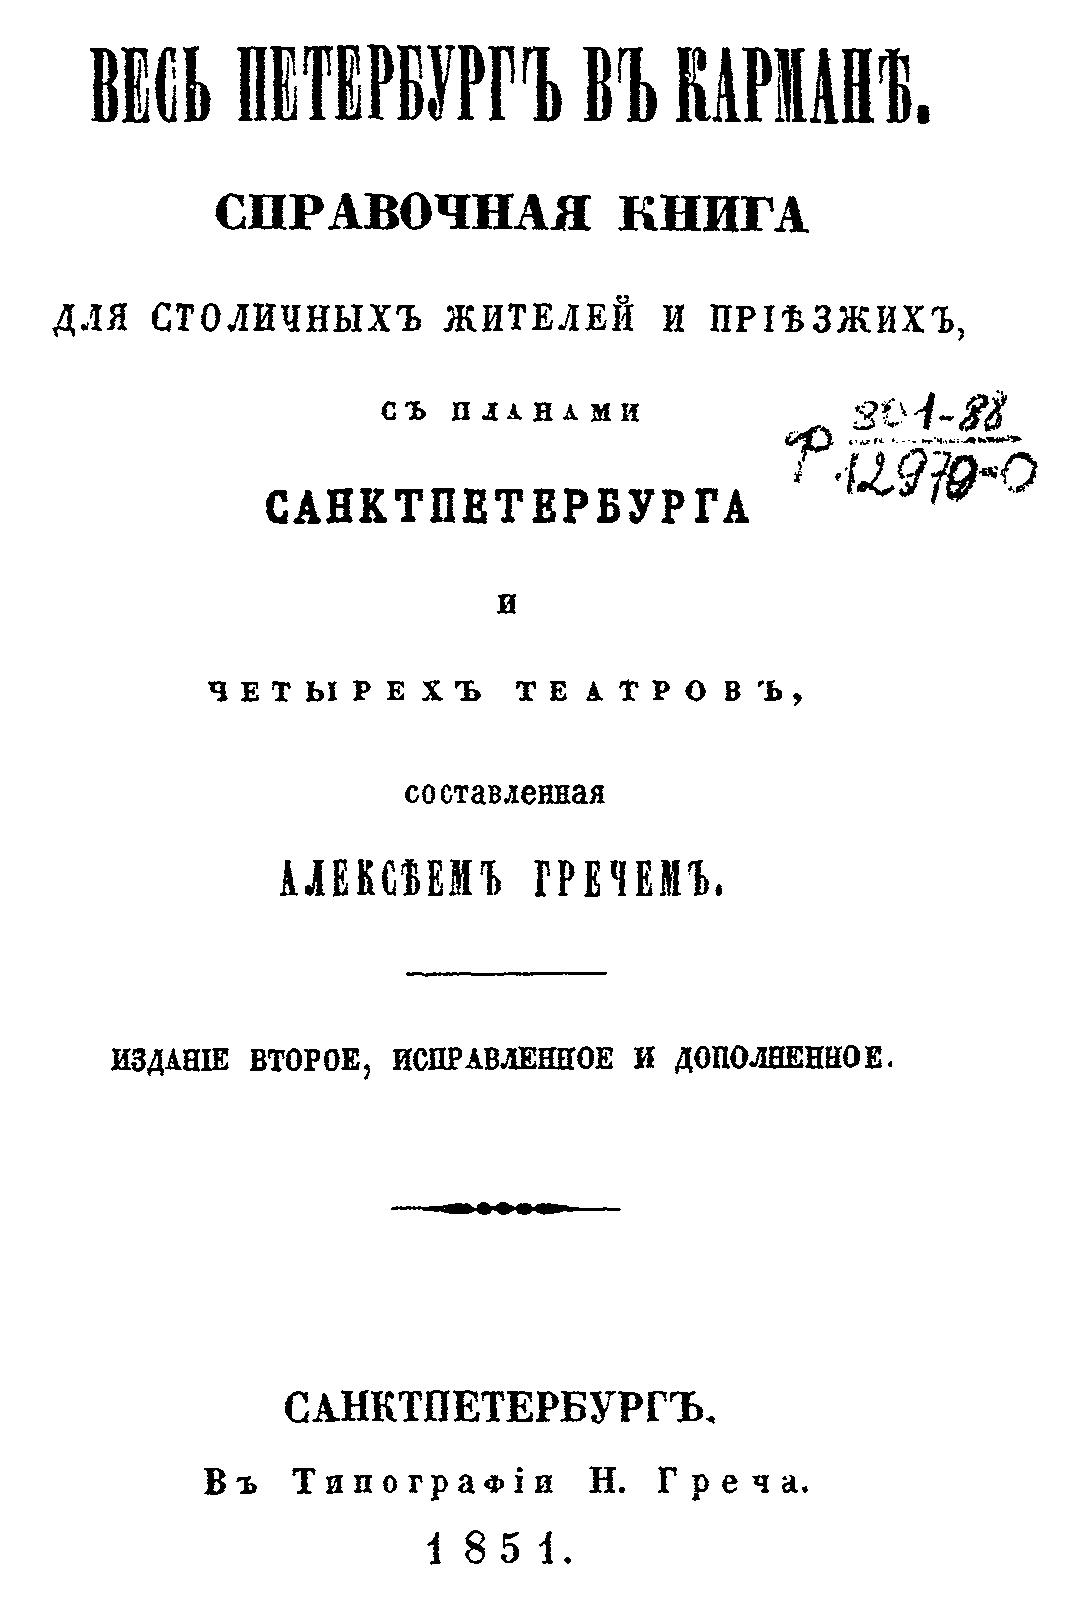 Коллектив авторов Весь Петербург в кармане коллектив авторов весь петроград на 1922 год